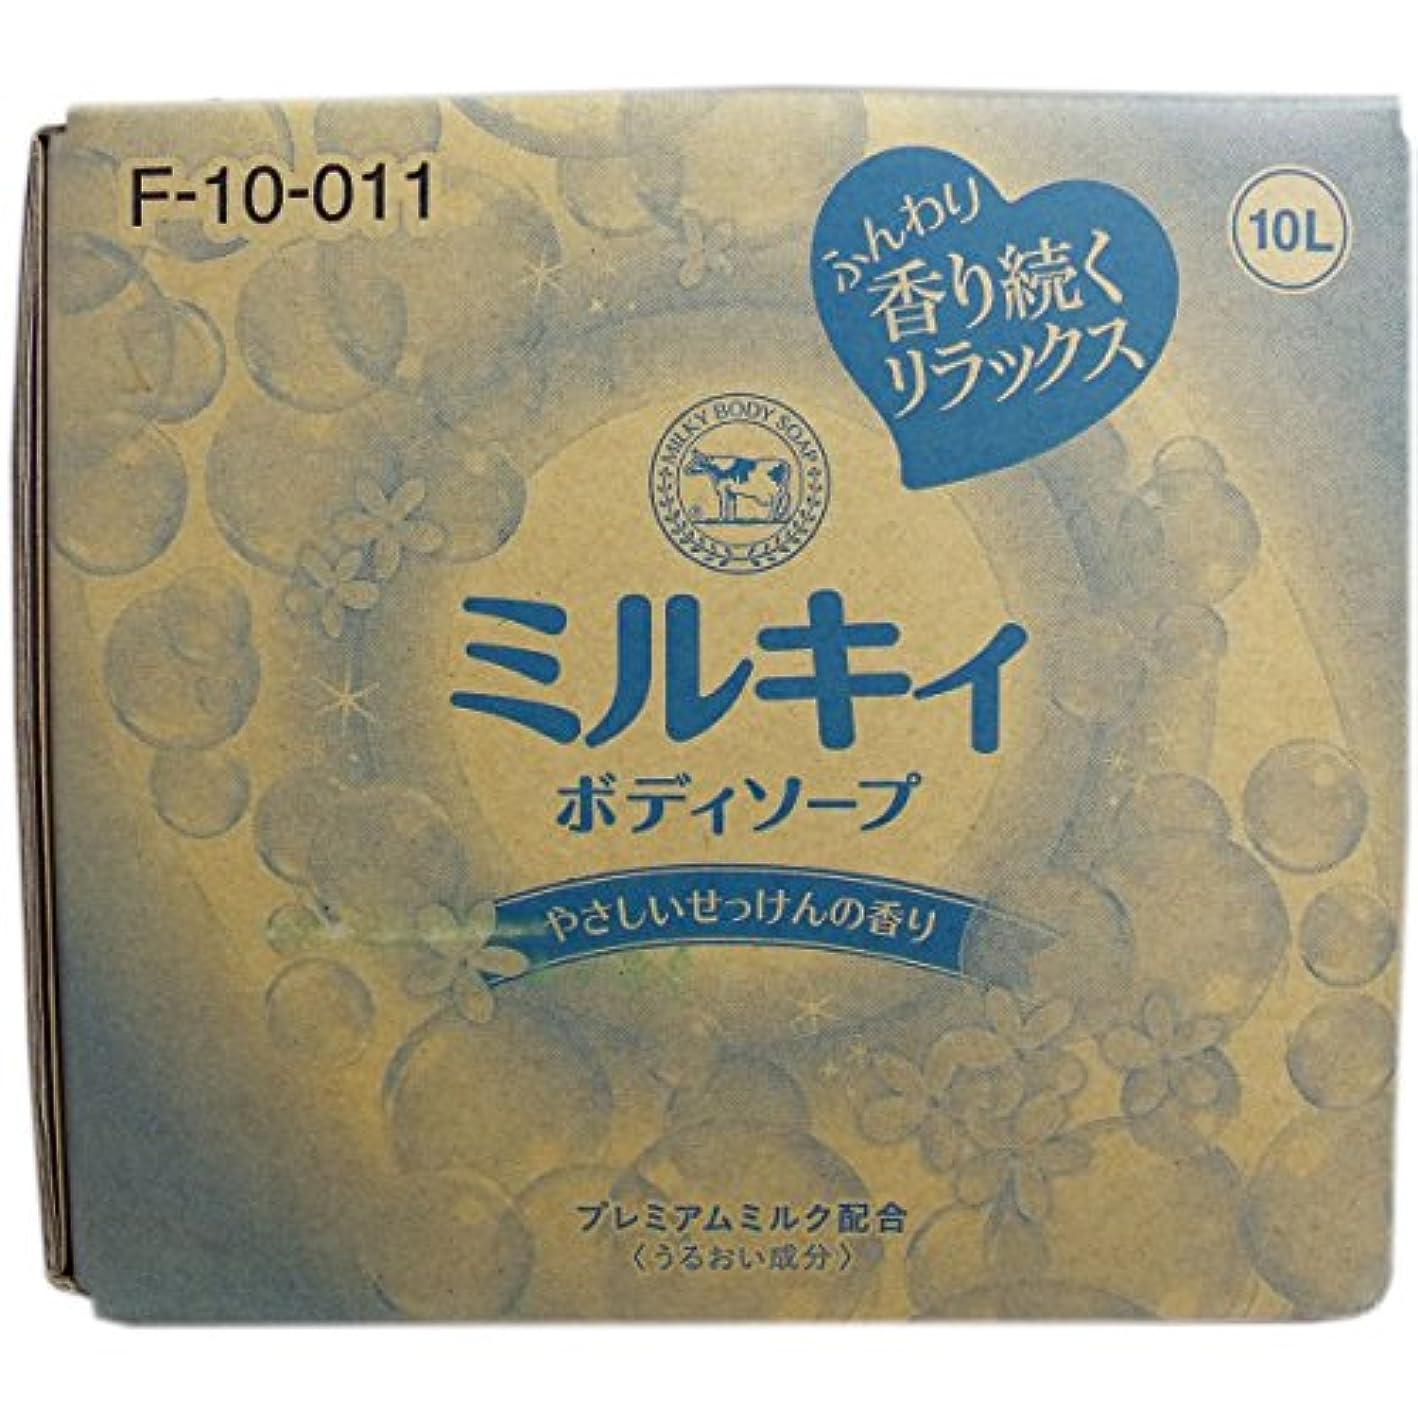 混雑踊り子エスカレート牛乳石鹸 ミルキィボディソープ ミルキィボディソープ 業務用 1個